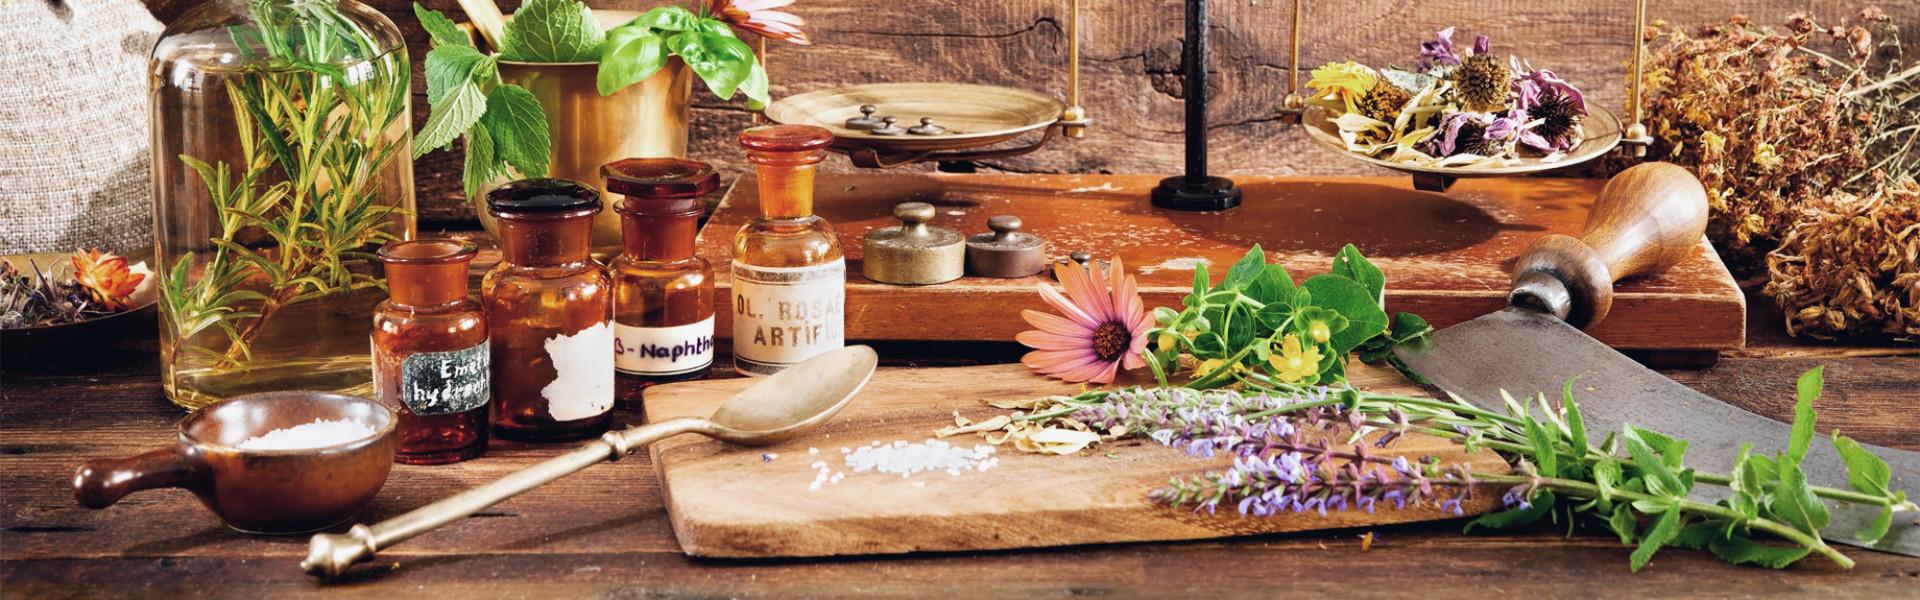 Fitoterapia: a evolução e a importância do uso de plantas para fins terapêuticos